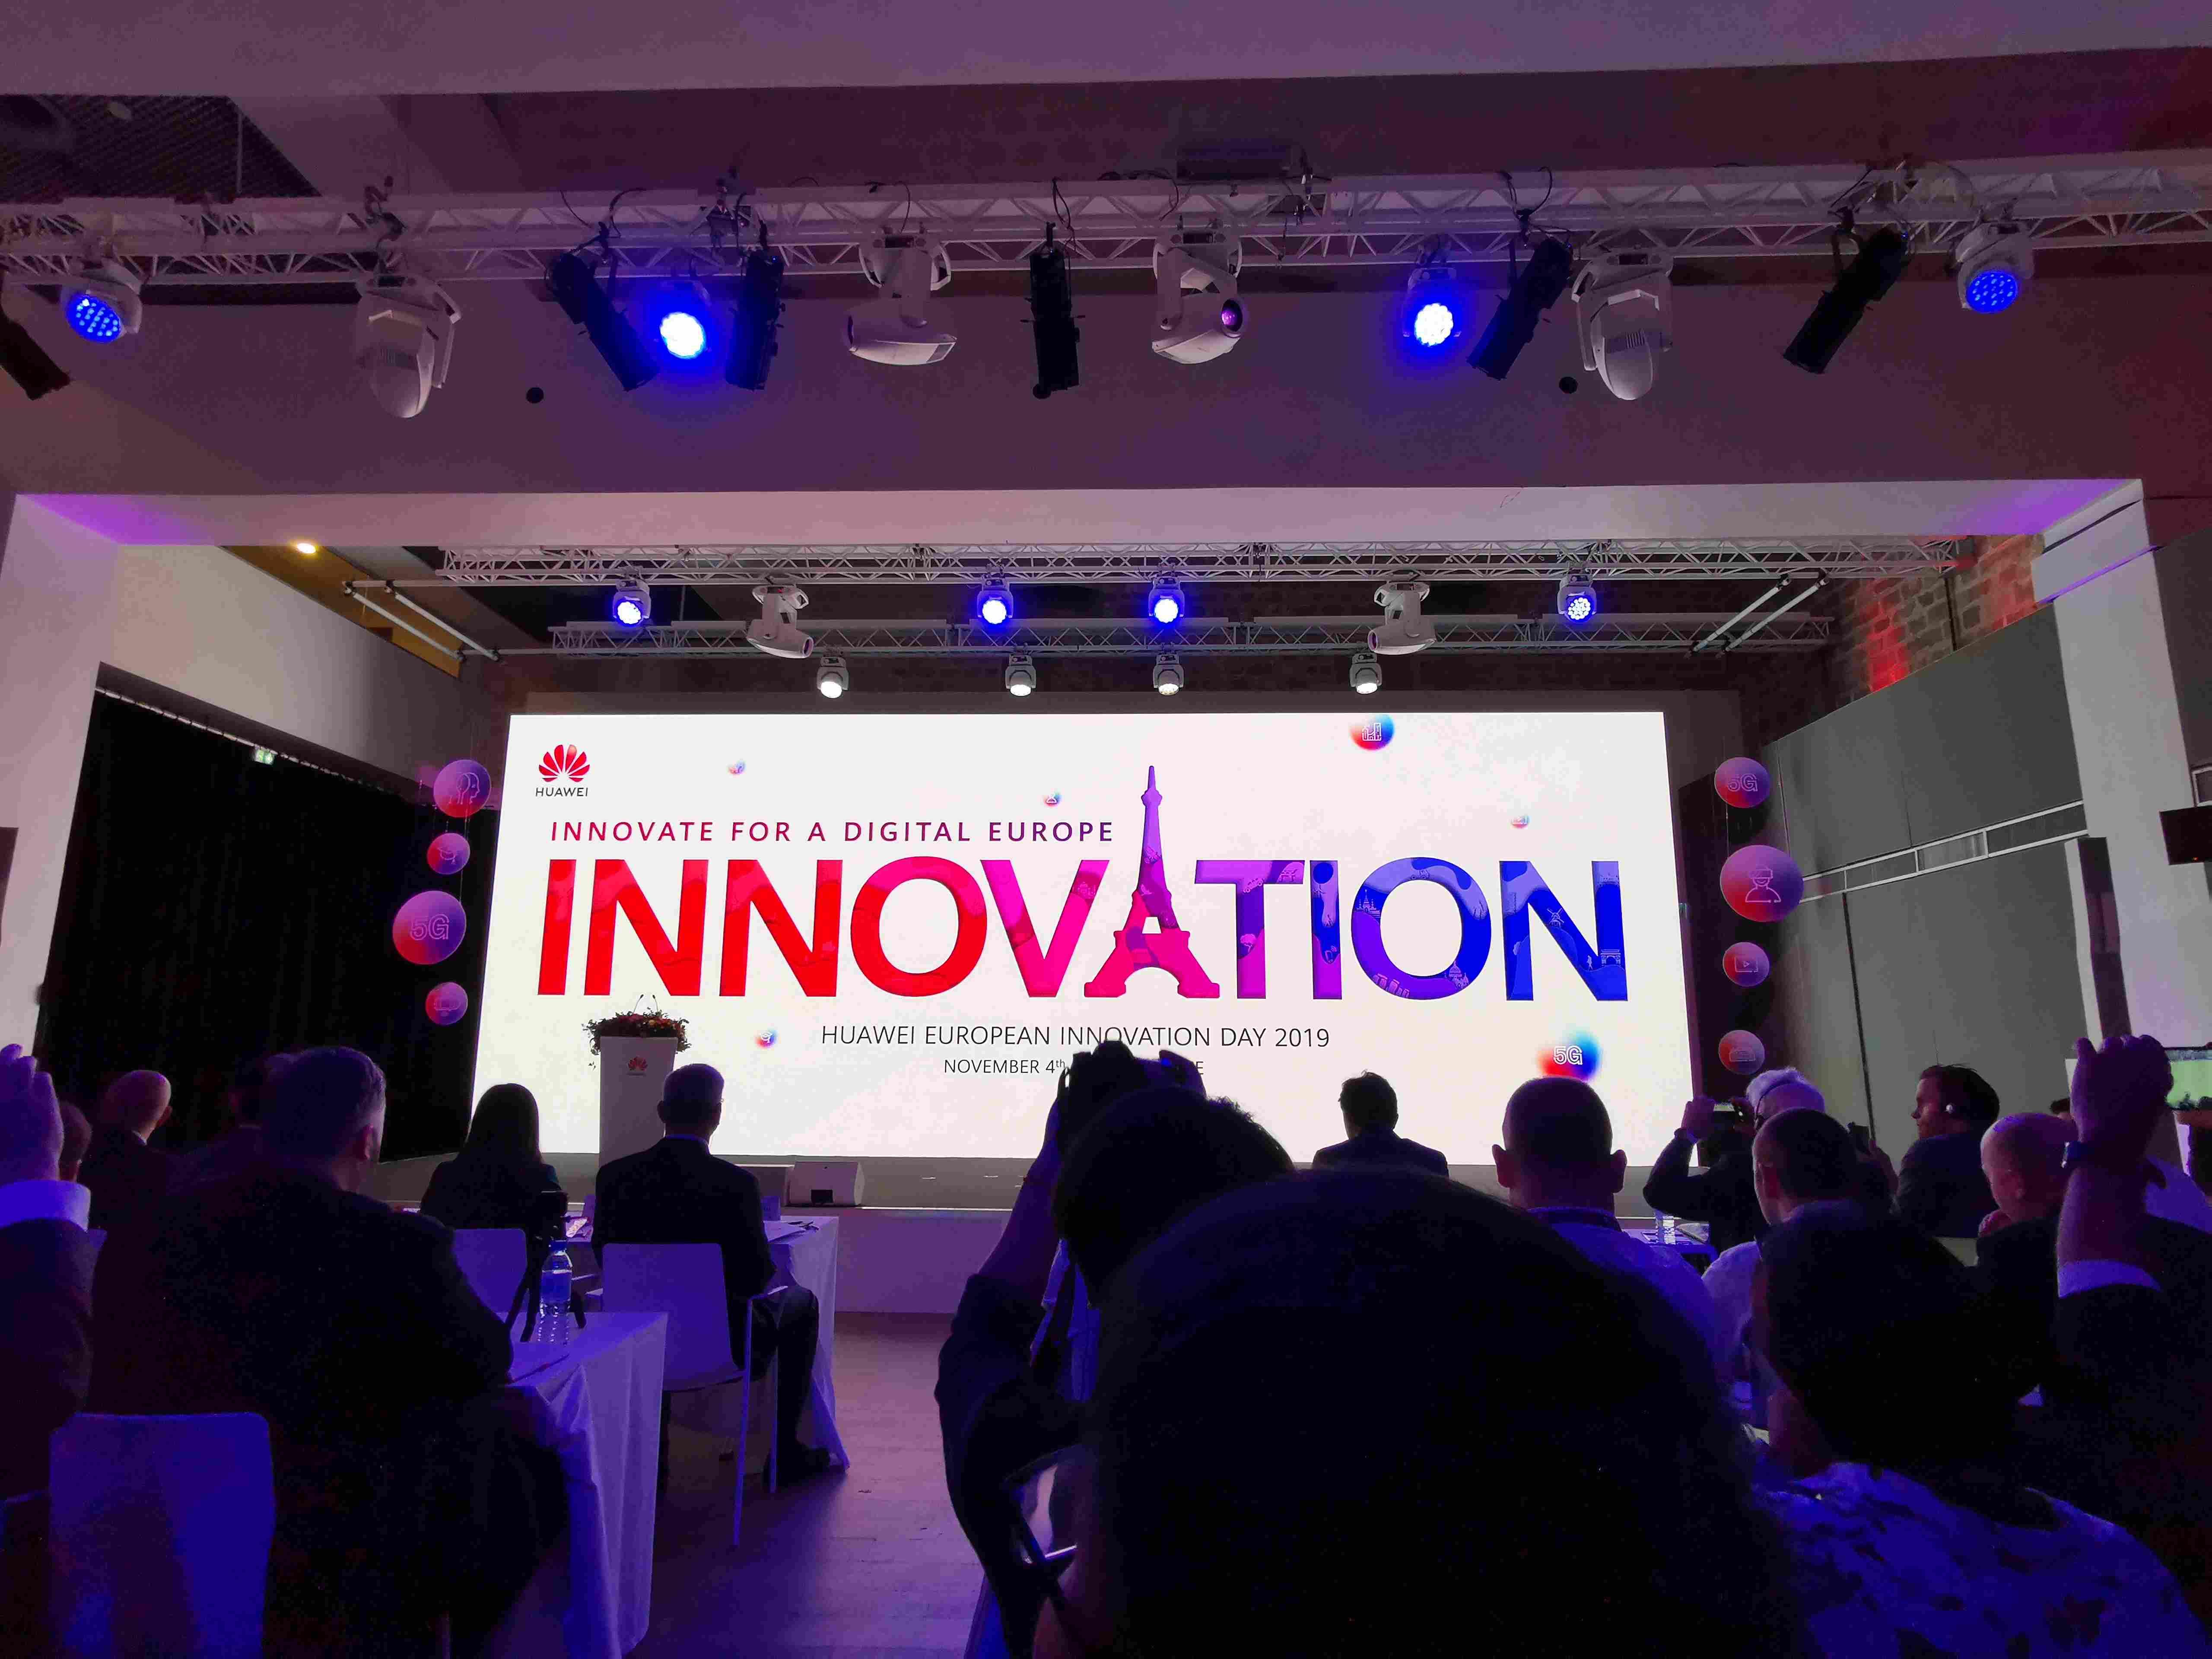 华为第七届欧洲创新日在巴黎举办